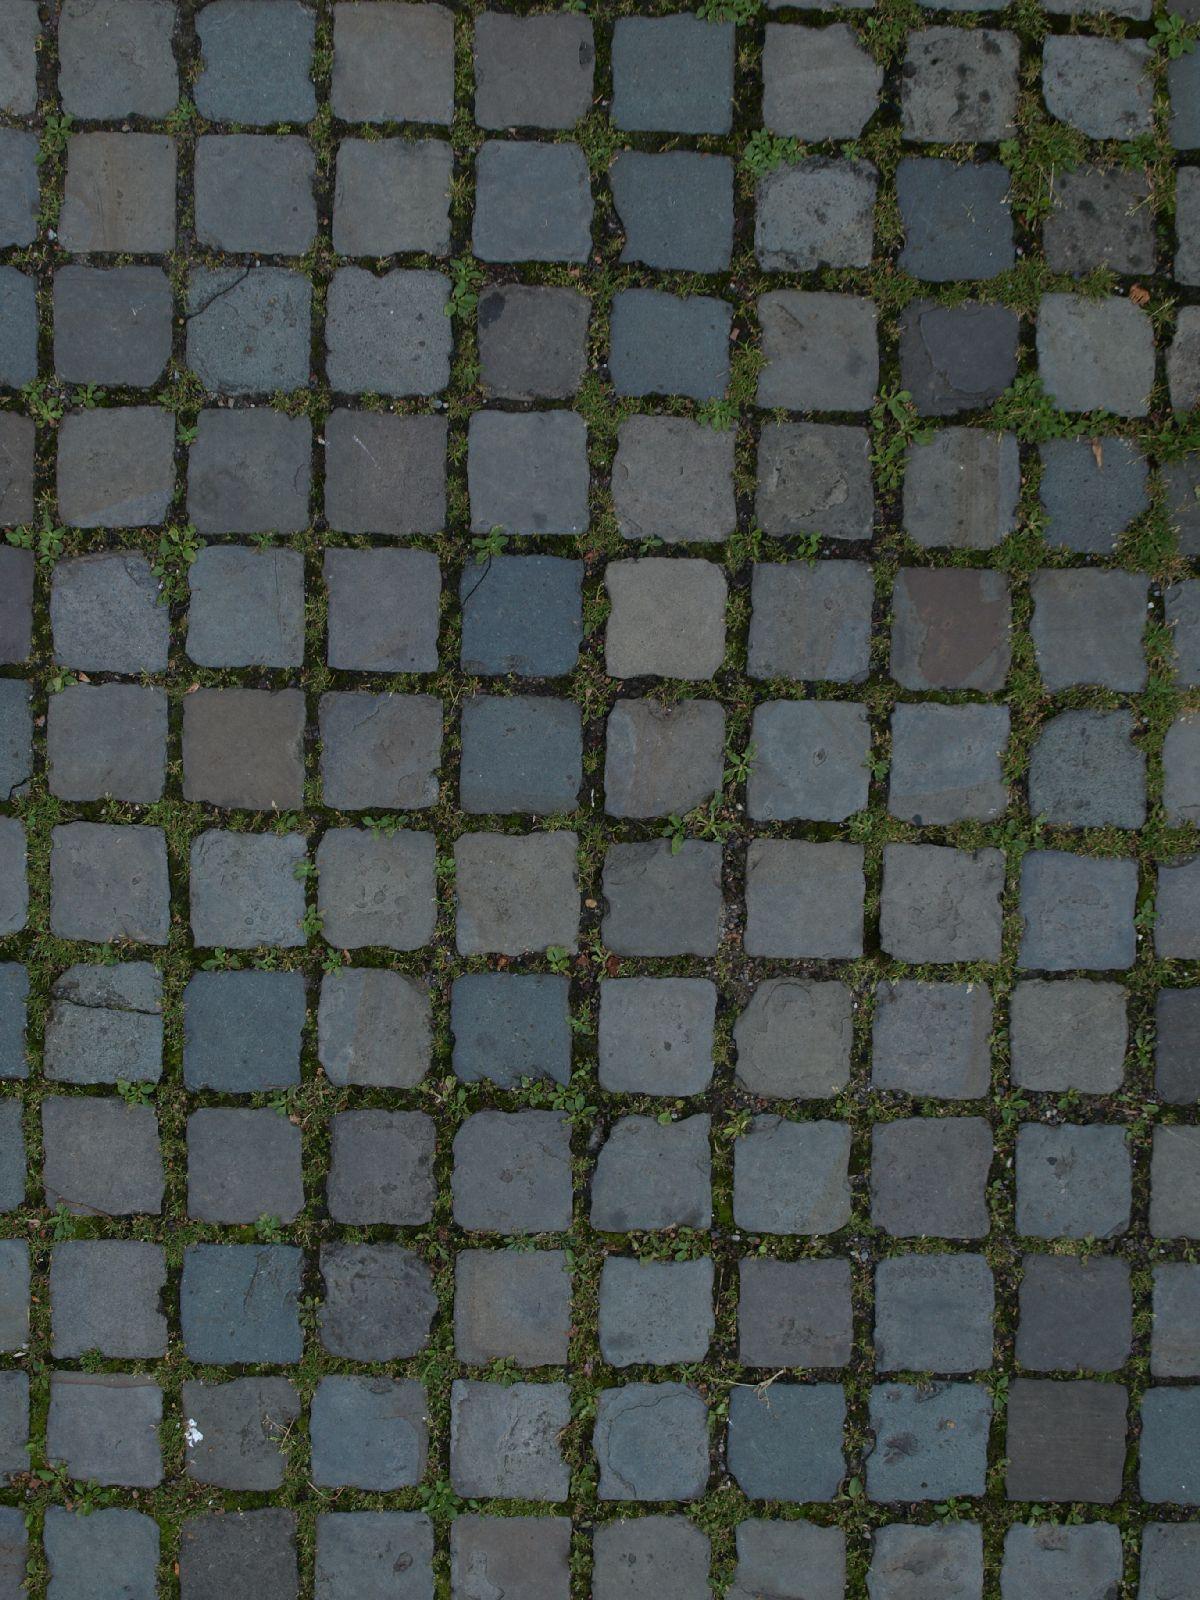 Boden-Gehweg-Strasse-Buergersteig-Textur_A_P8164433